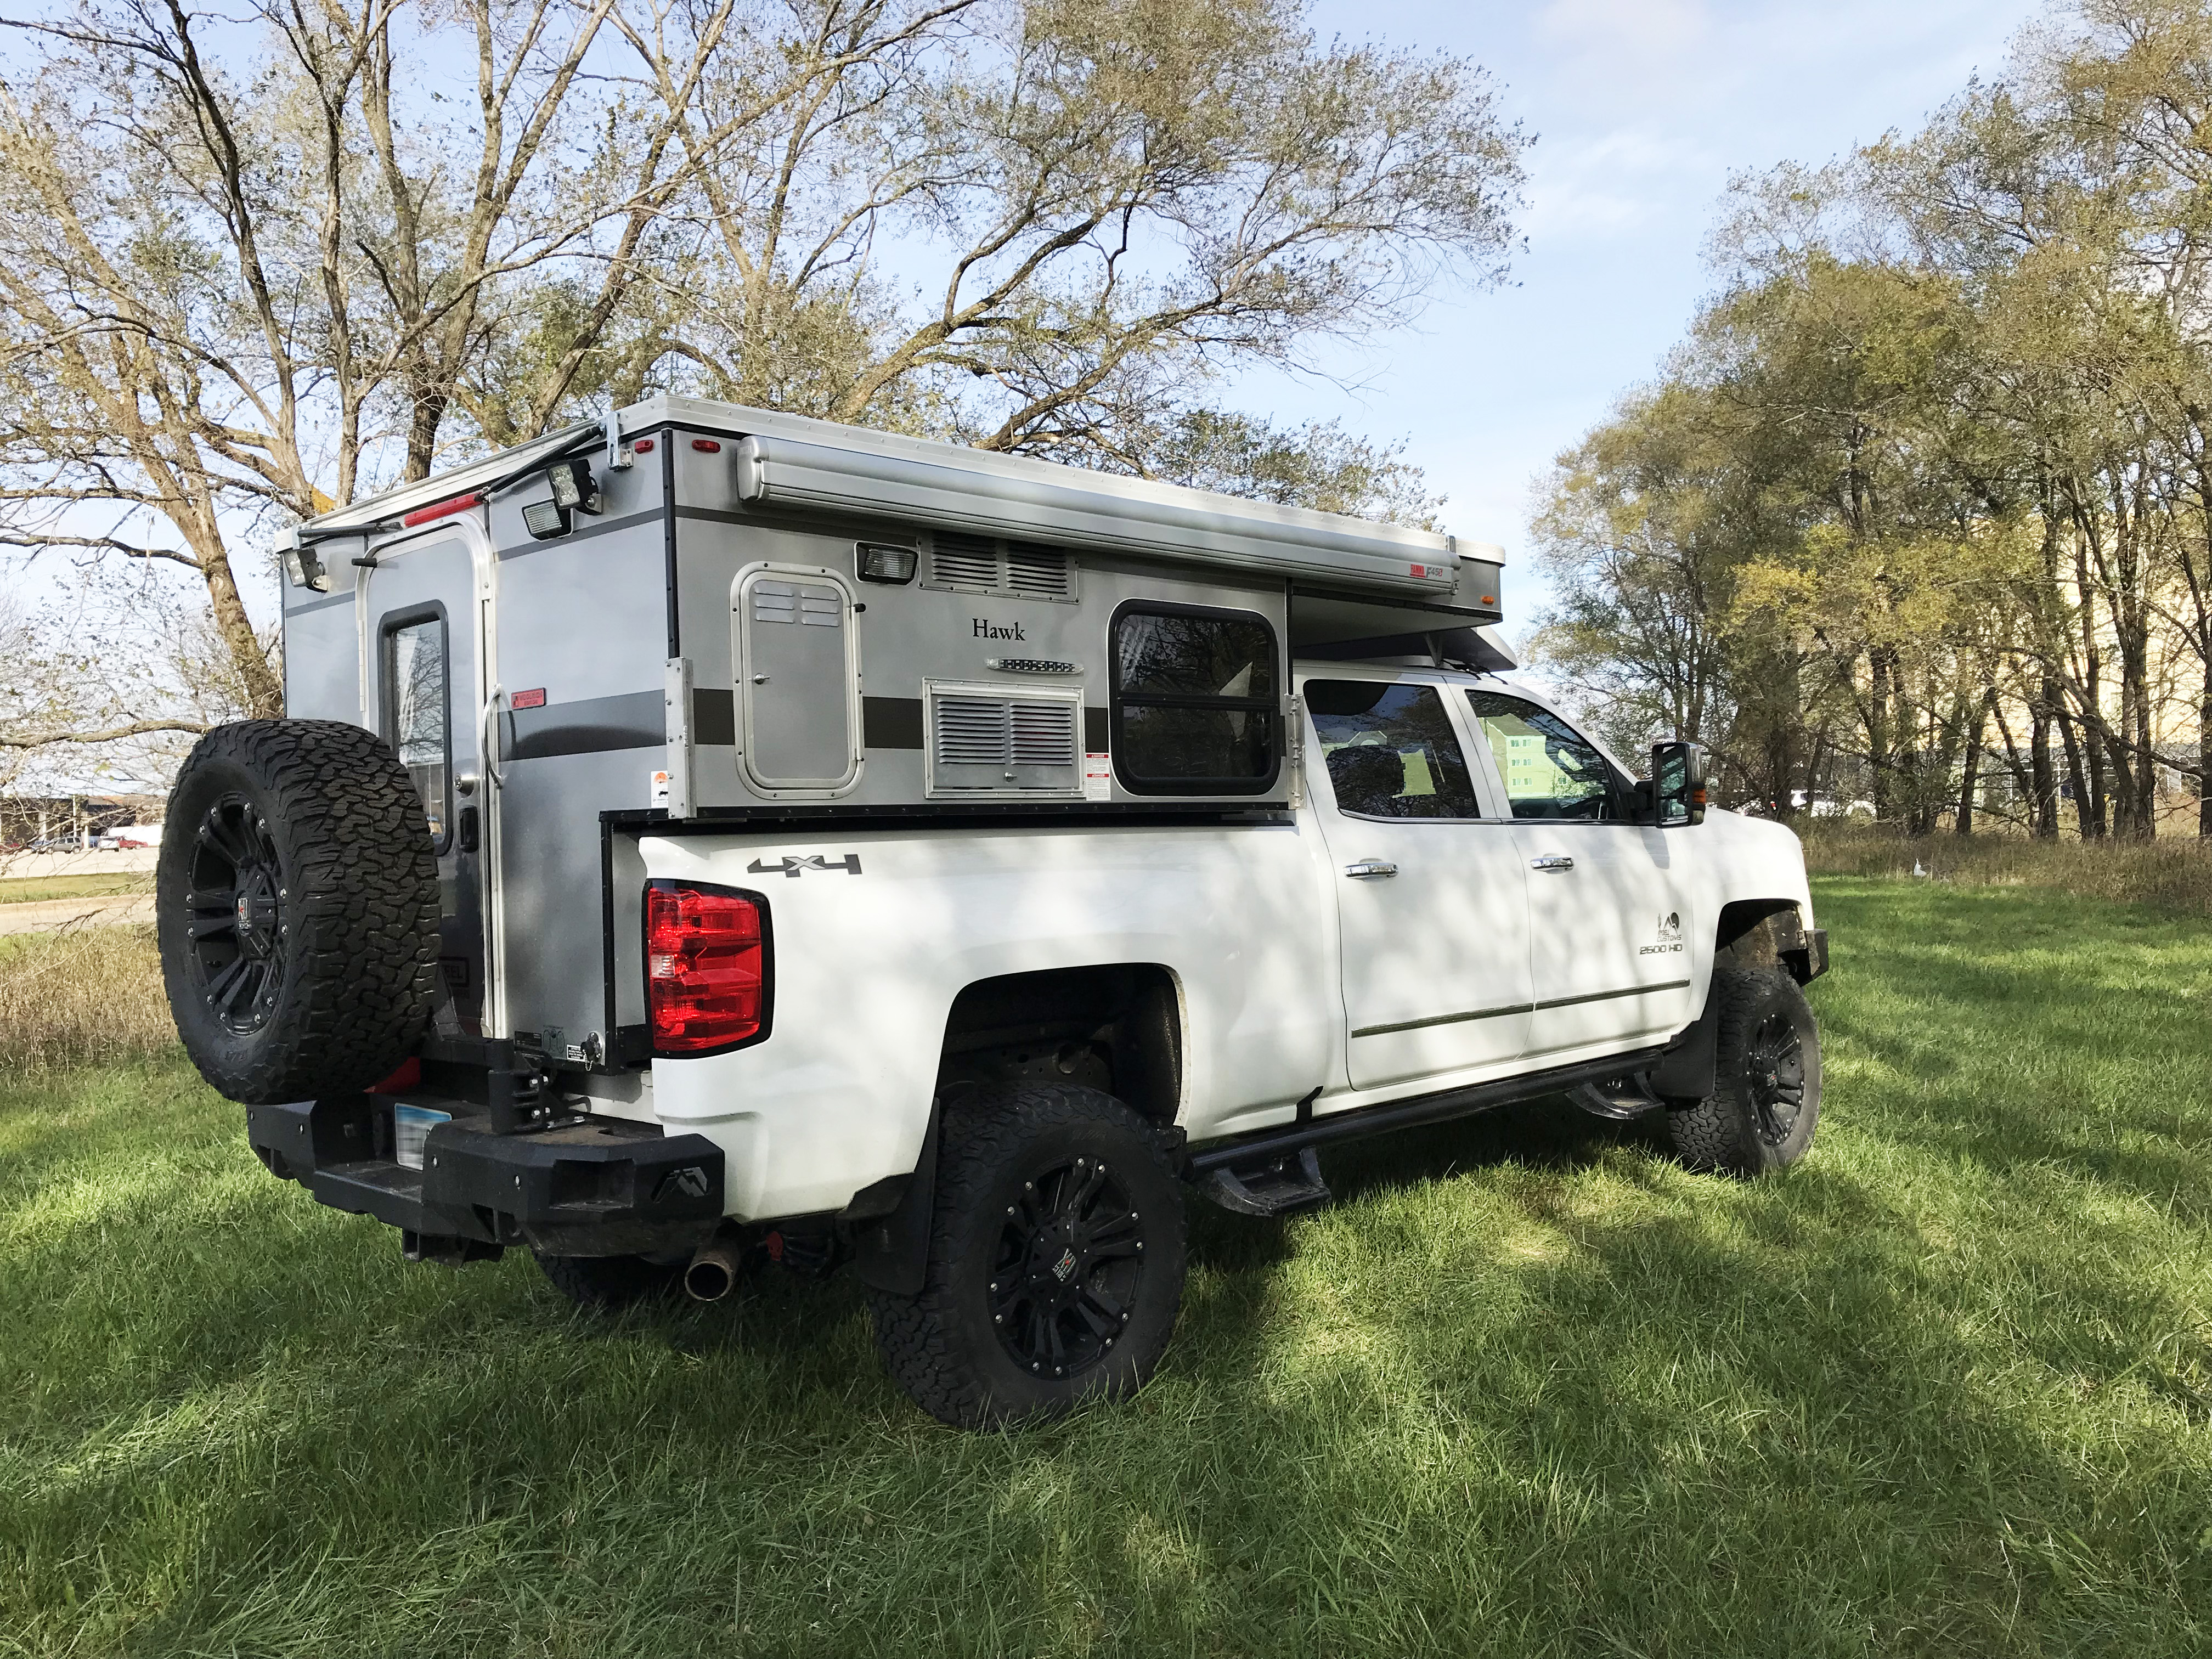 2017 Silverado 2500 Camper